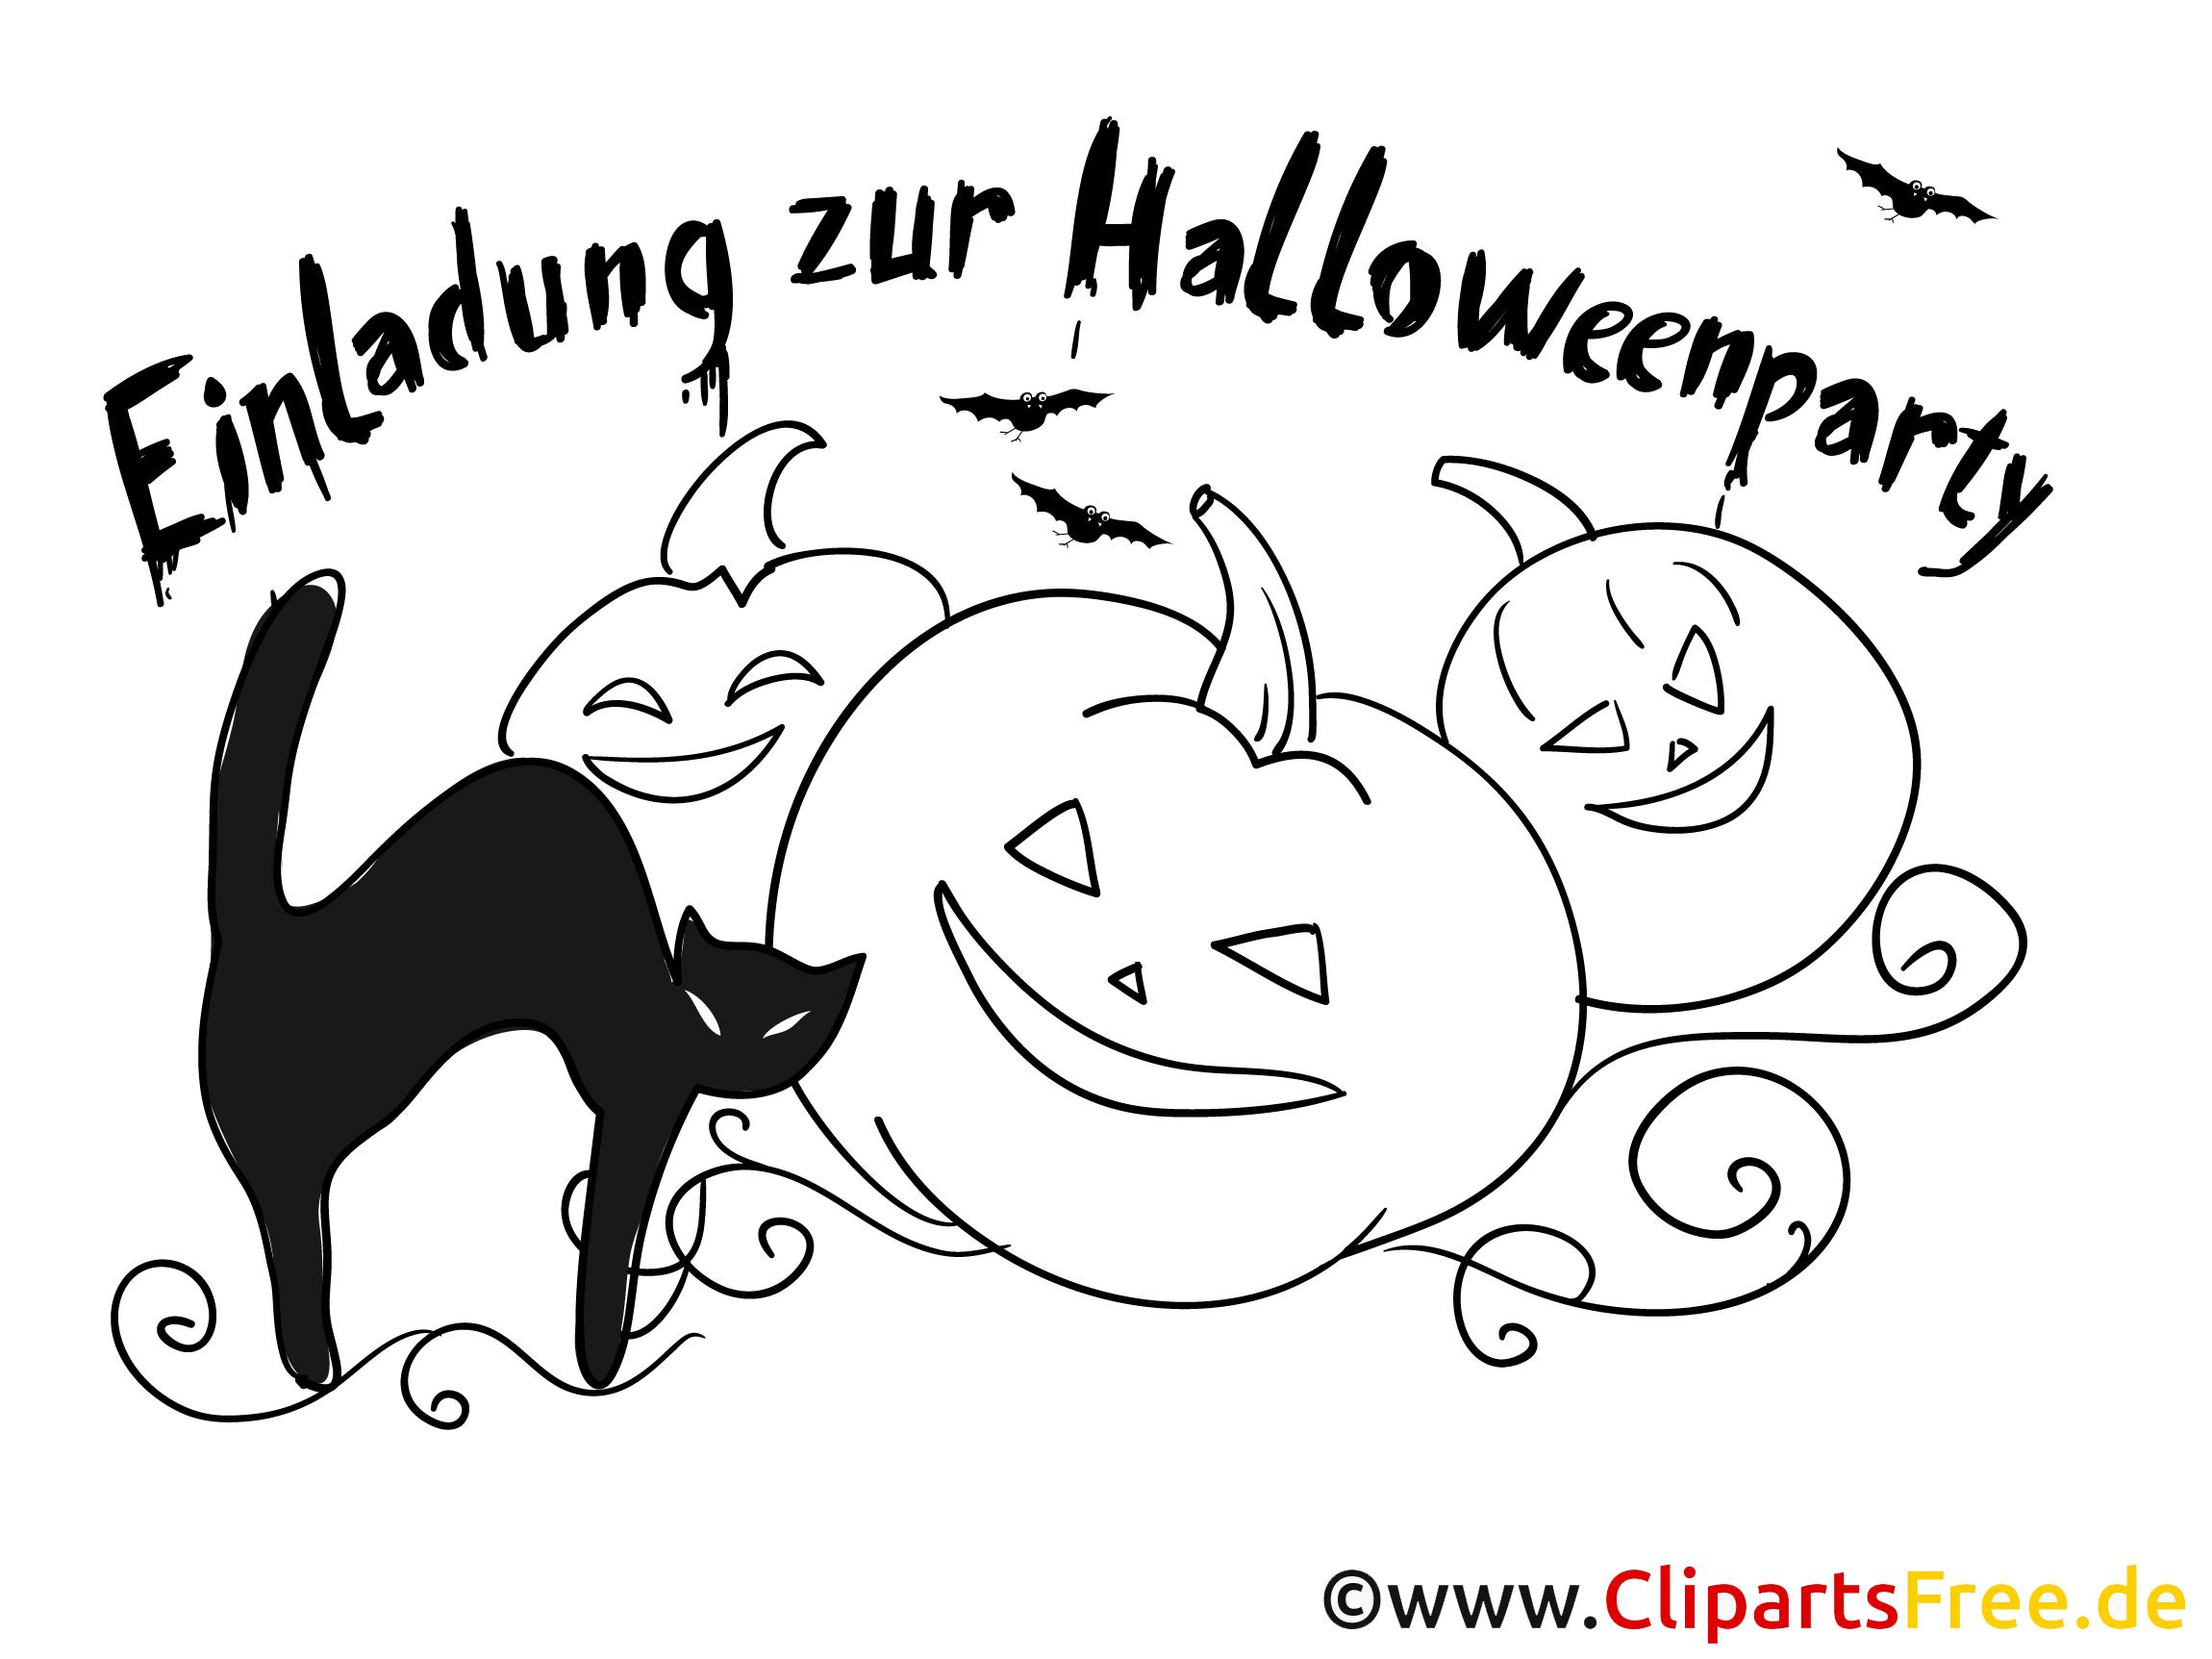 Schwarze Katze Kürbis Halloween Malvorlage-Einladung